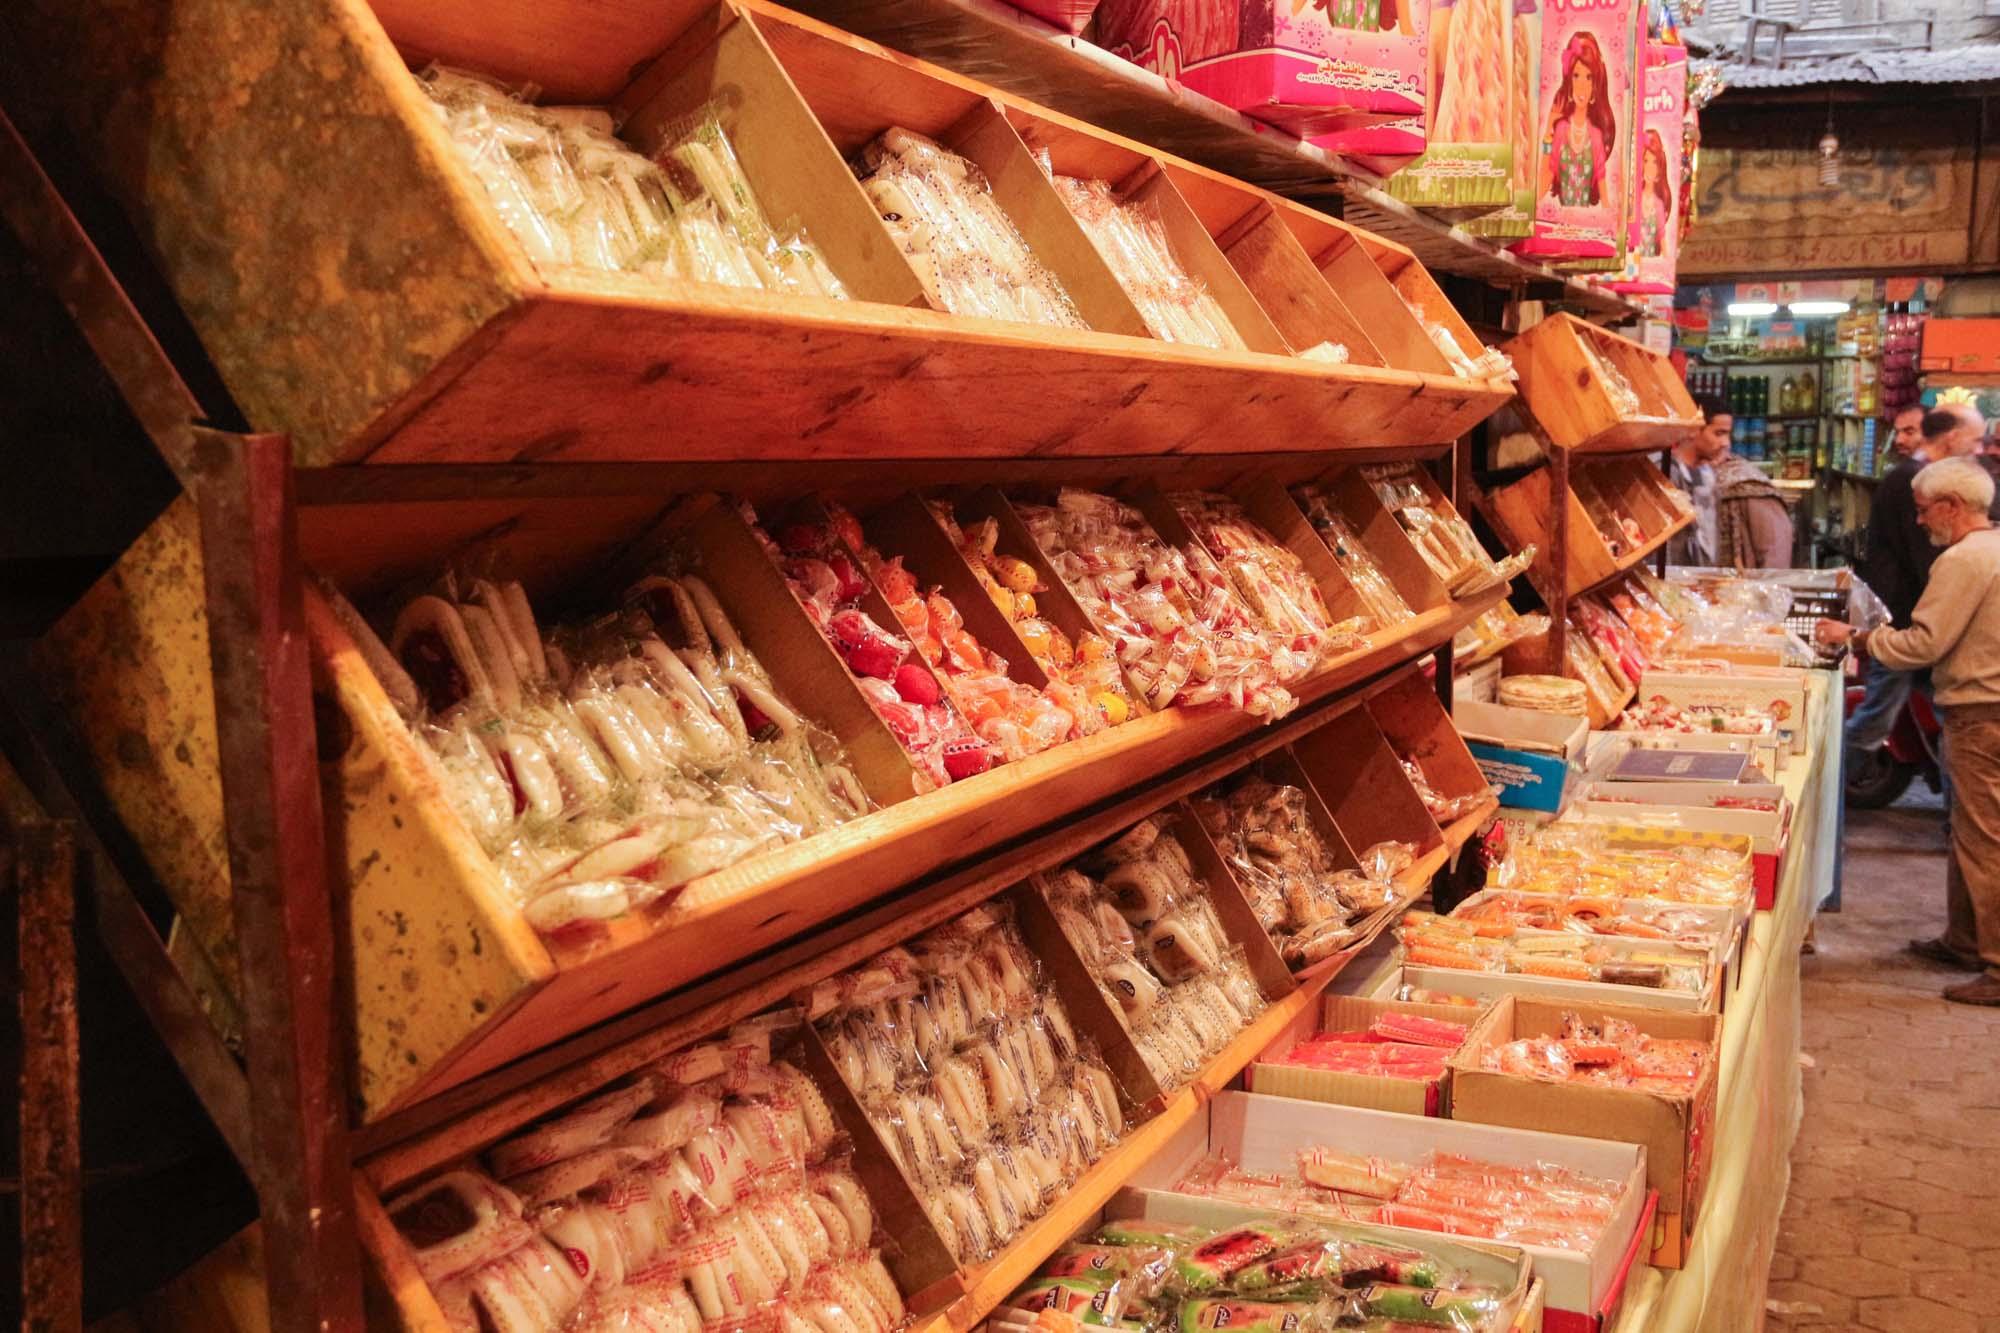 حلوى المولد في باب البحر -تصوير: صديق البخشونجي